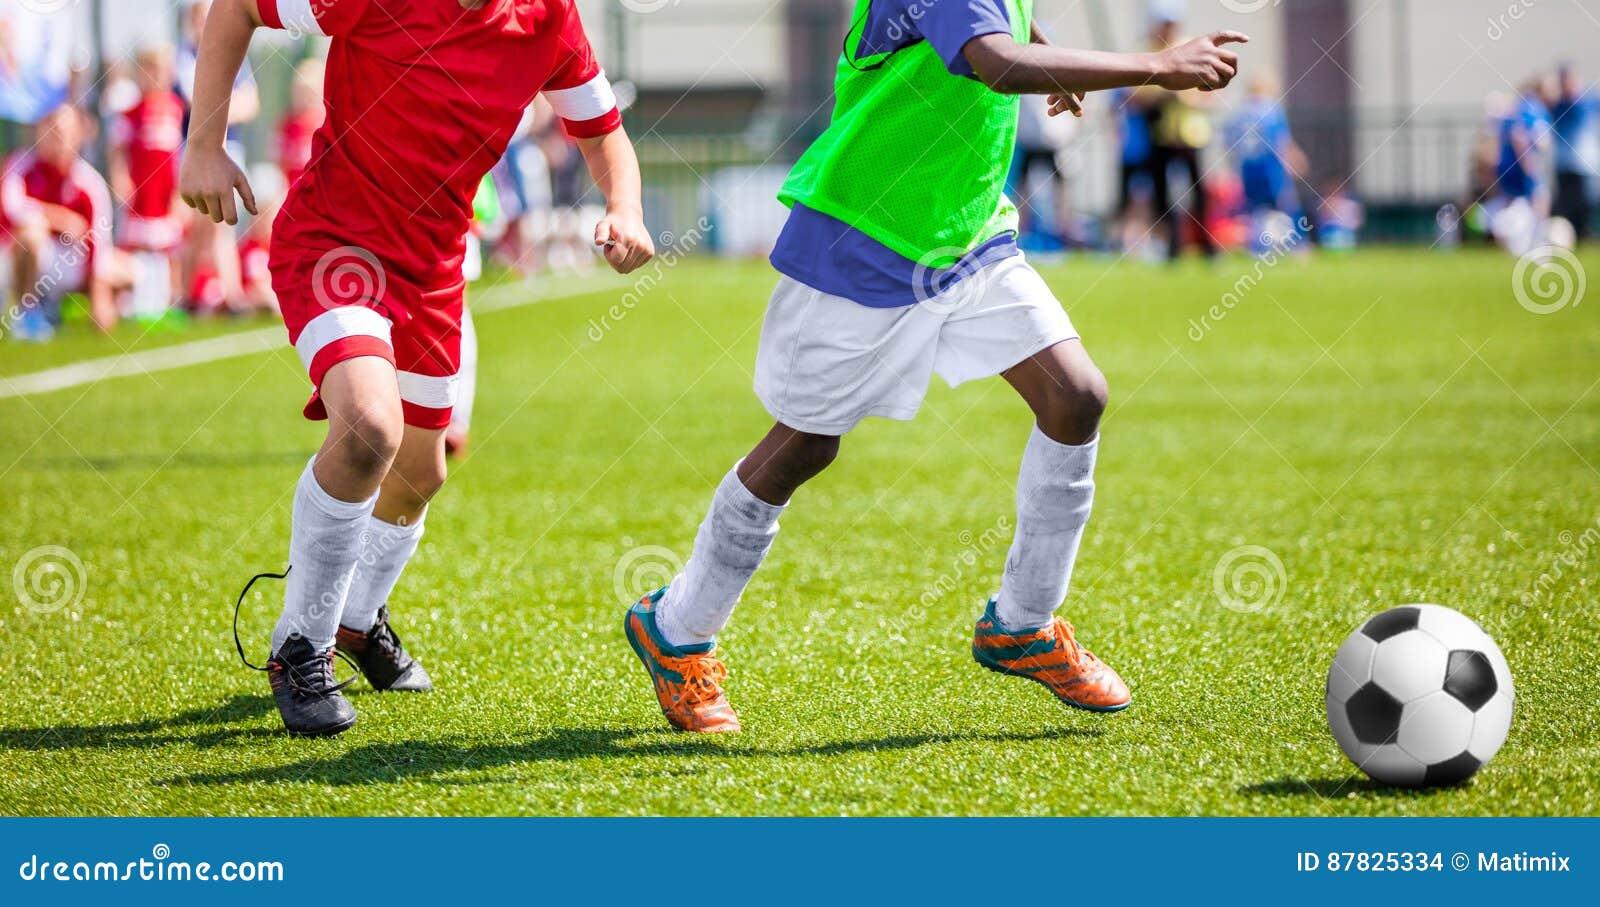 Fussballfussballspiel Fur Kinder Kinderfussball Teams Die